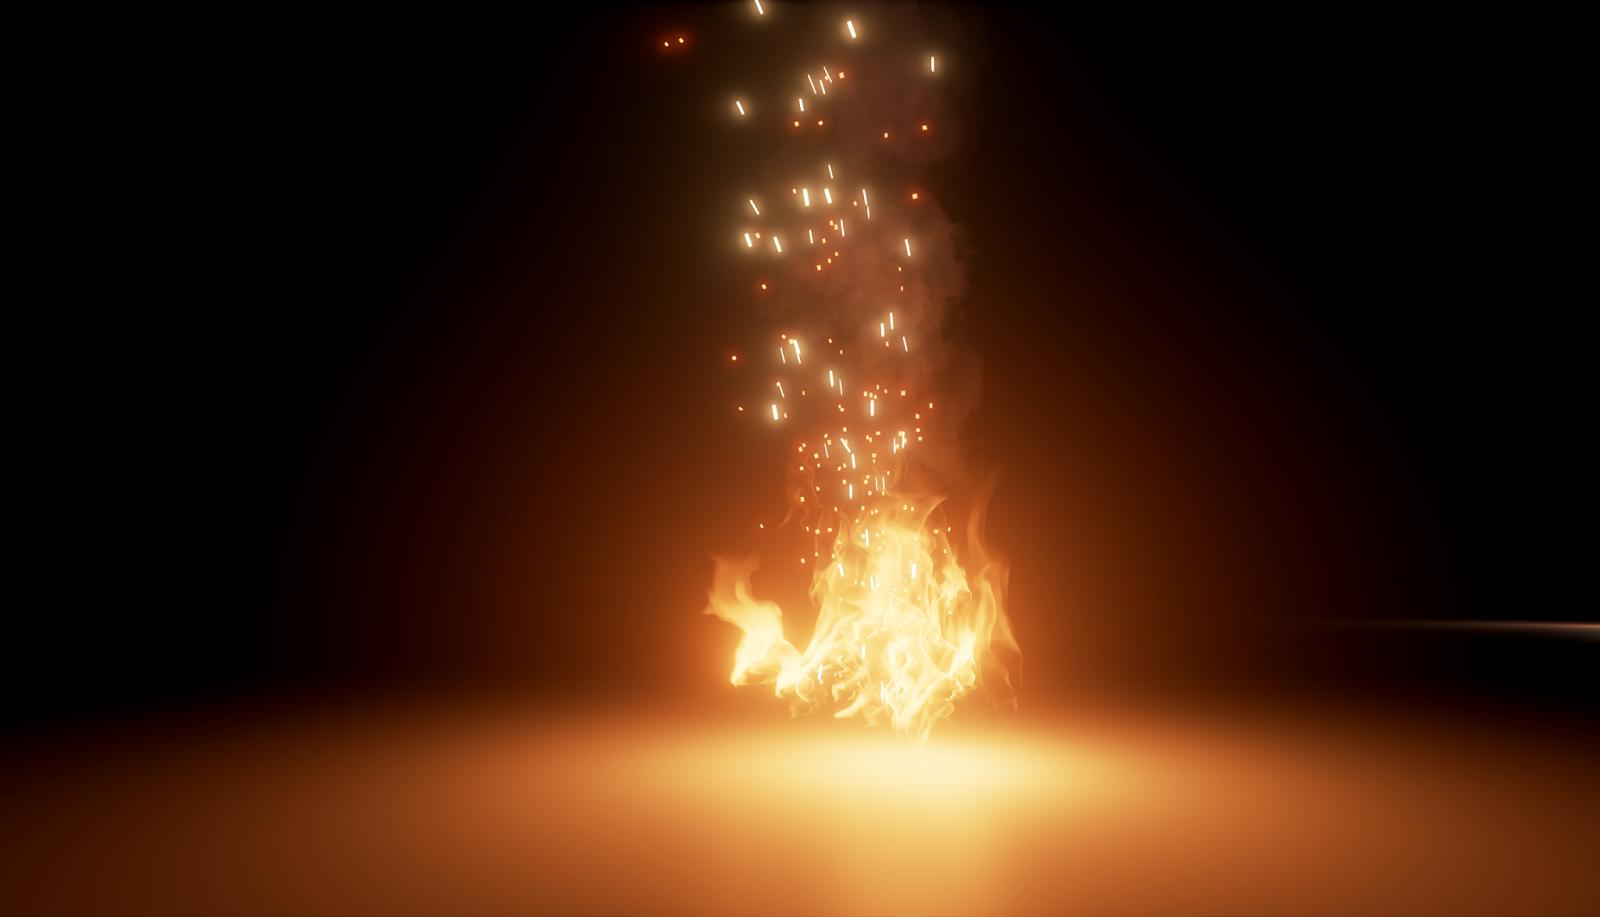 эффекты огня на фото красивое популярное растение